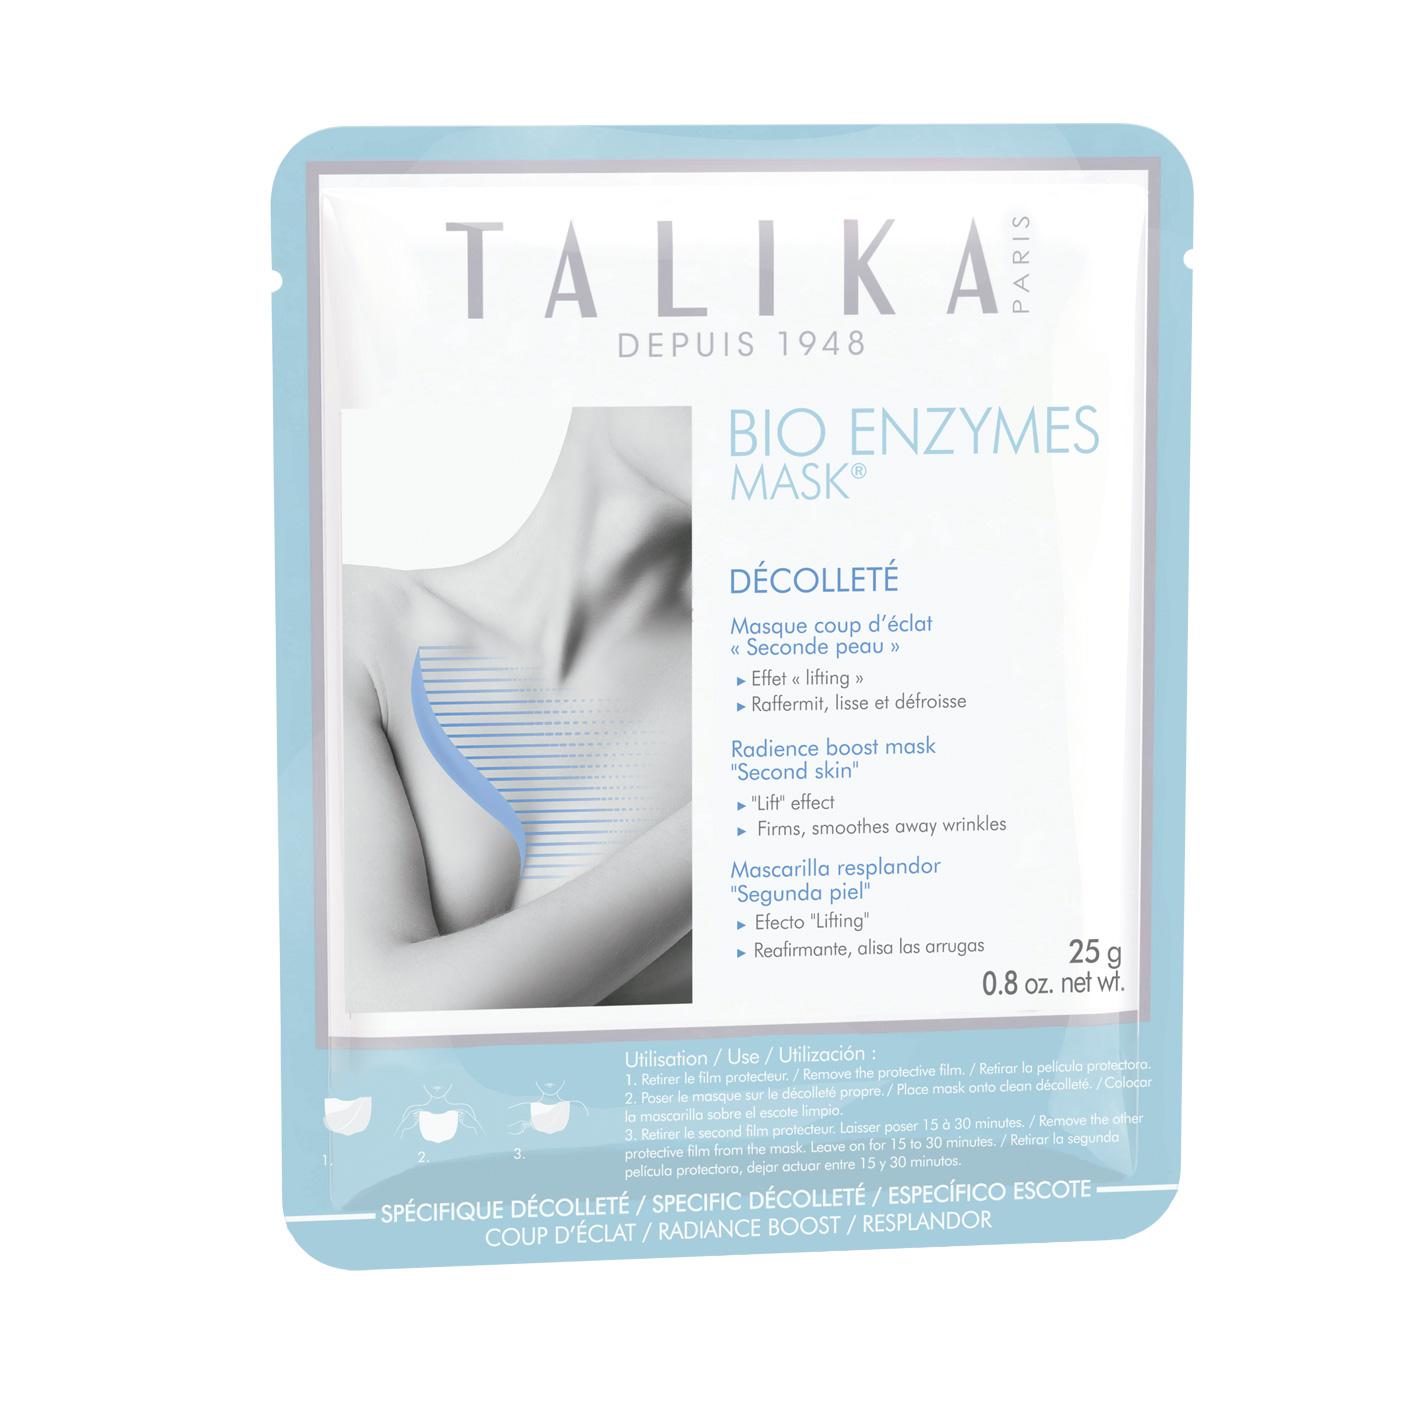 Bio Enzymes Mask Escote, de Talika